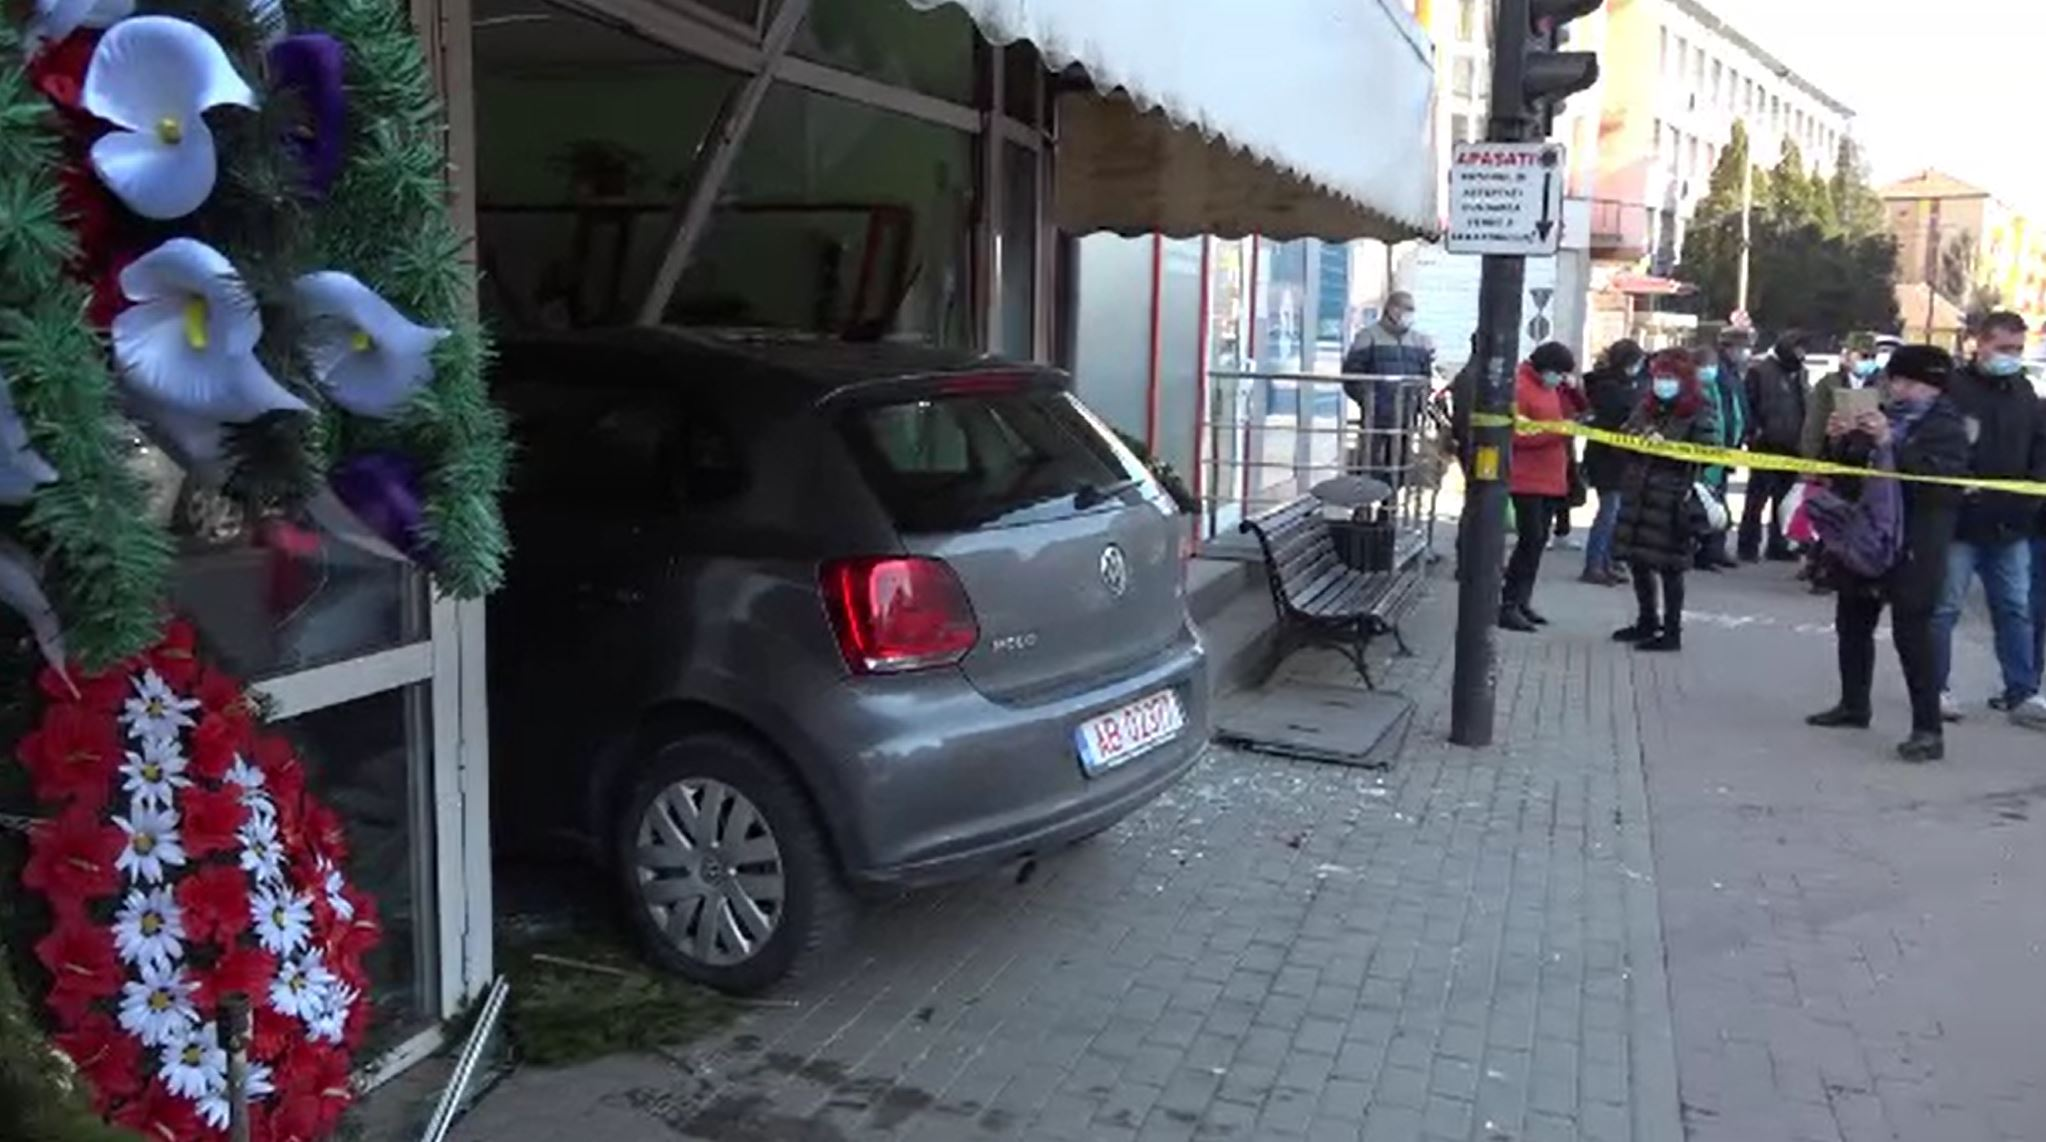 Haos pe o stradă din Alba Iulia. O șoferiță a provocat un accident, după care a intrat cu mașina într-o florărie